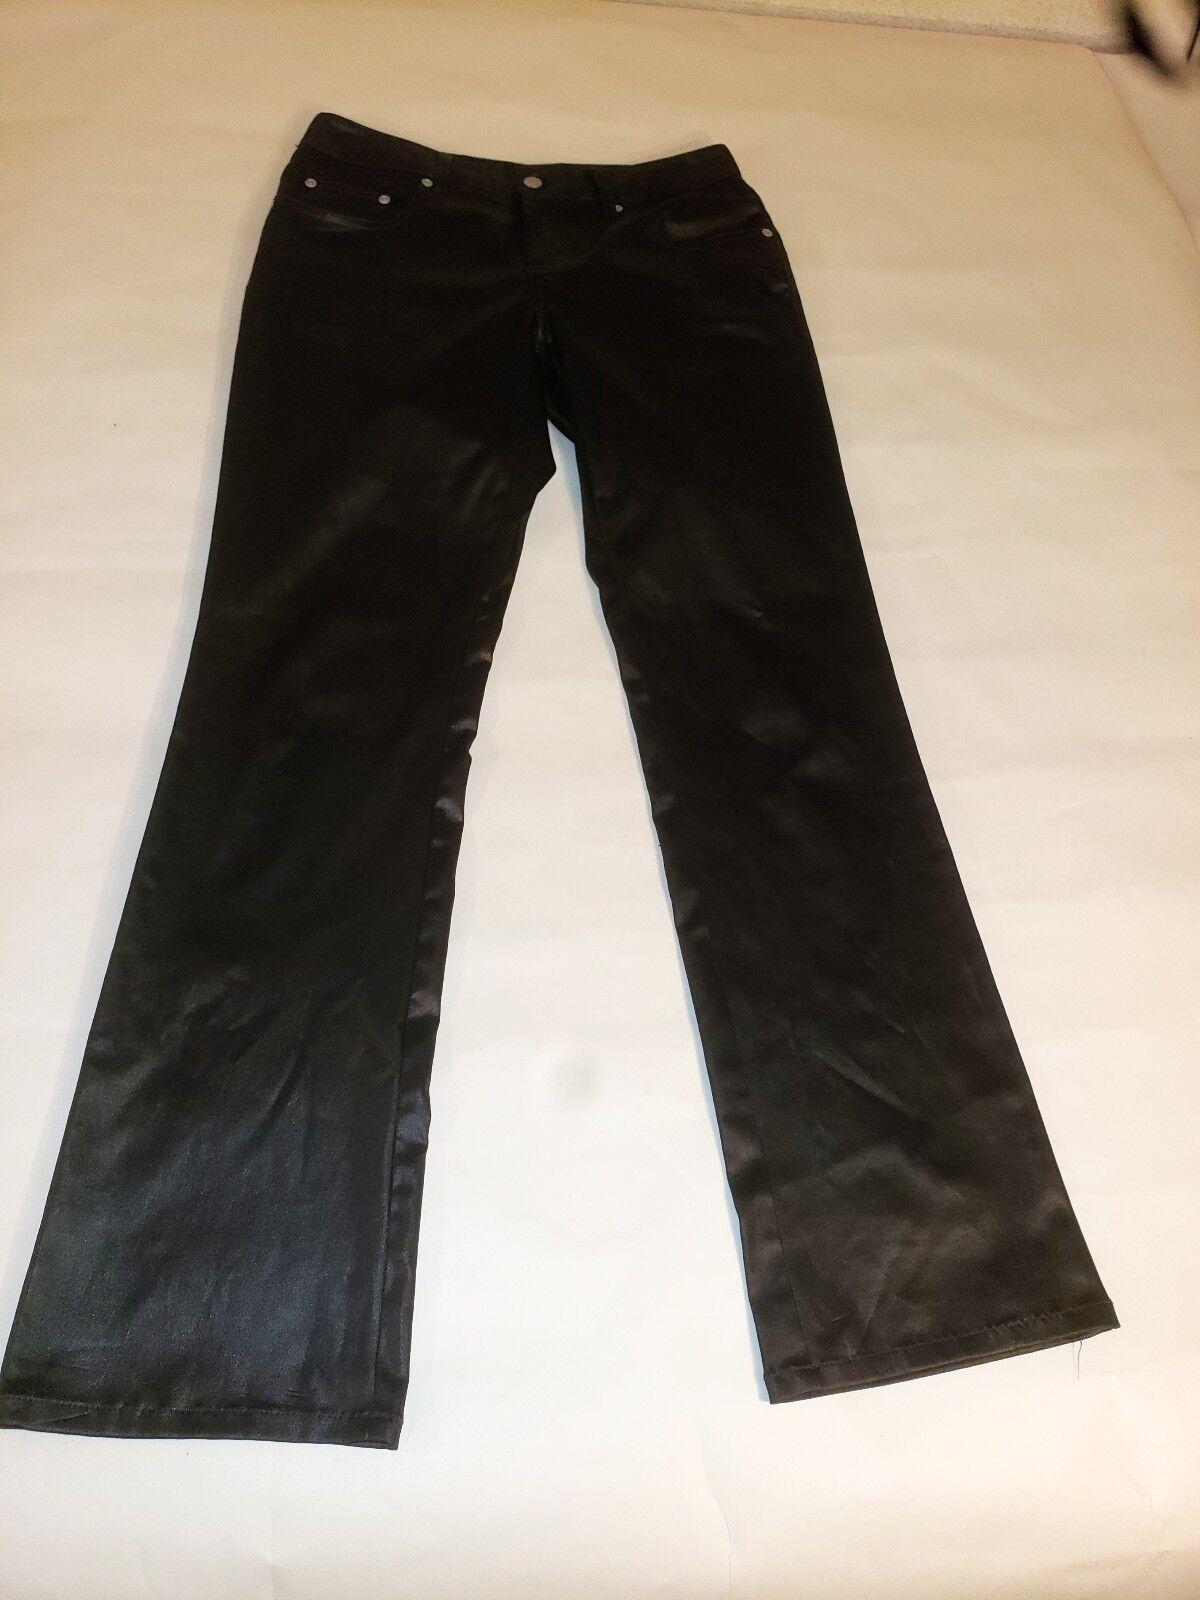 Vintage 80's Z Cavaricci Shiny Polyester Stretch pants Size 9